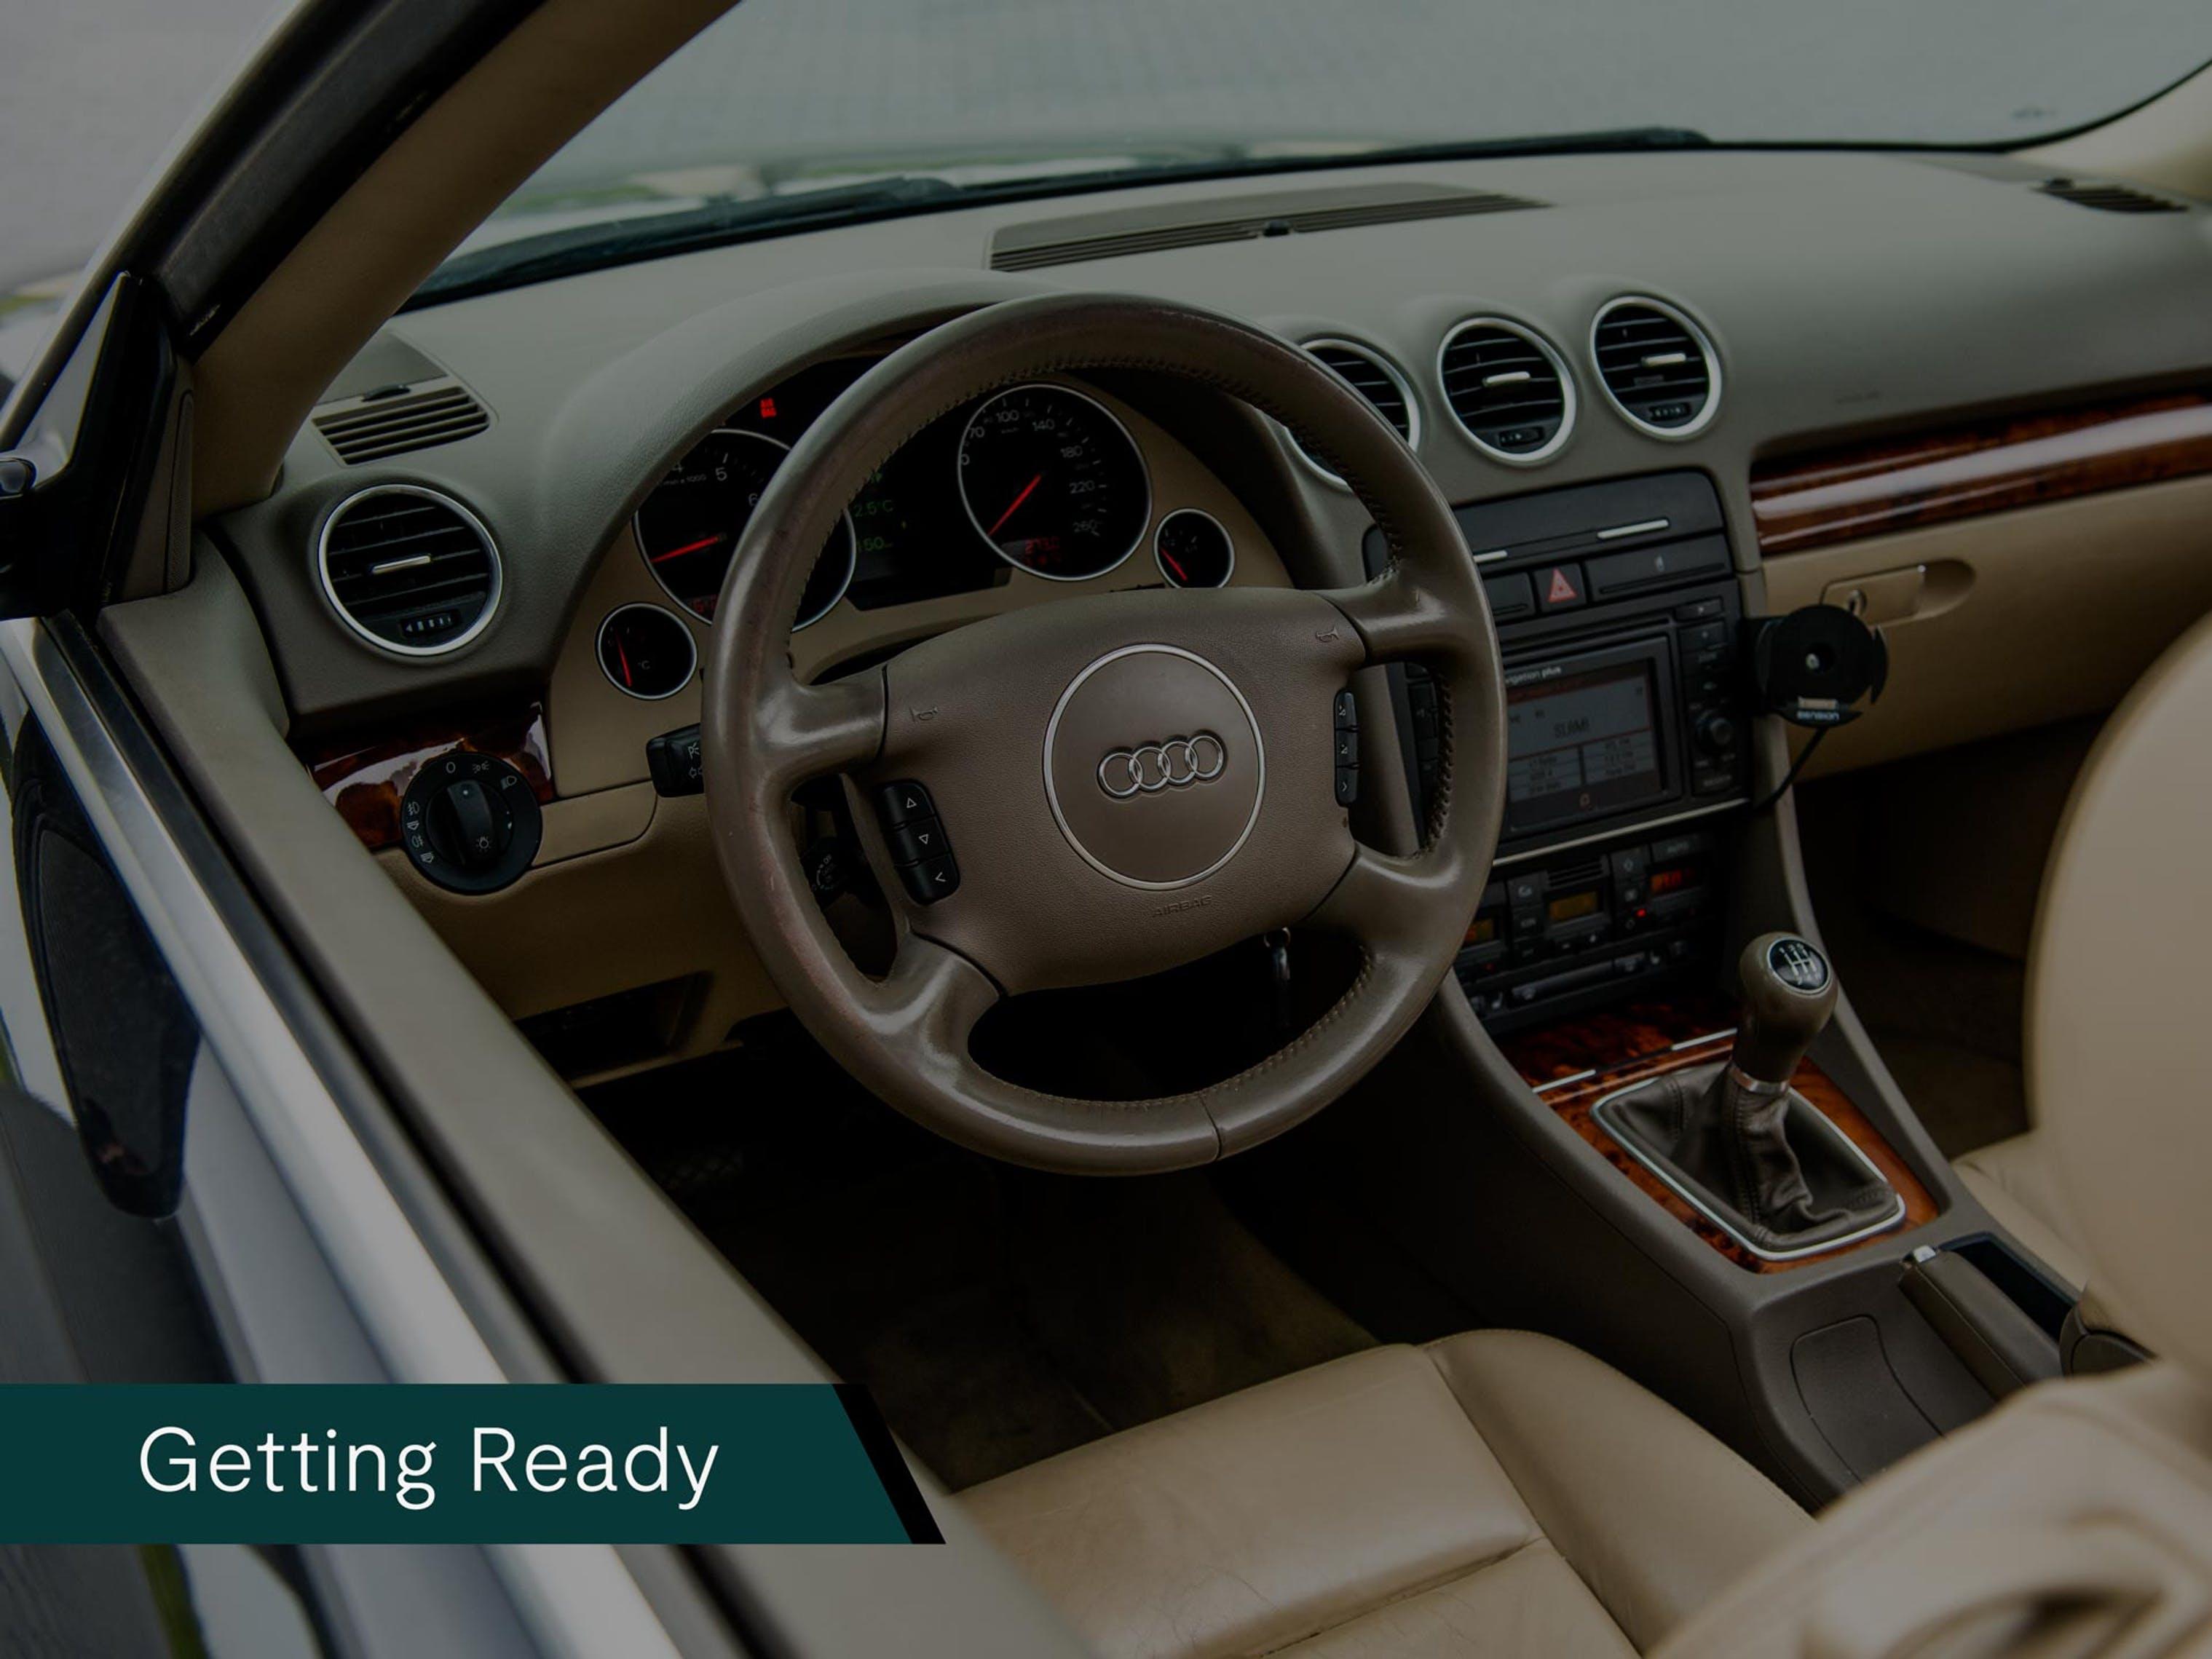 Audi A4 Cabriolet 1.8 Turbo Pro Line, tweedehands, occasion, zeer scherpe prijs, stuur